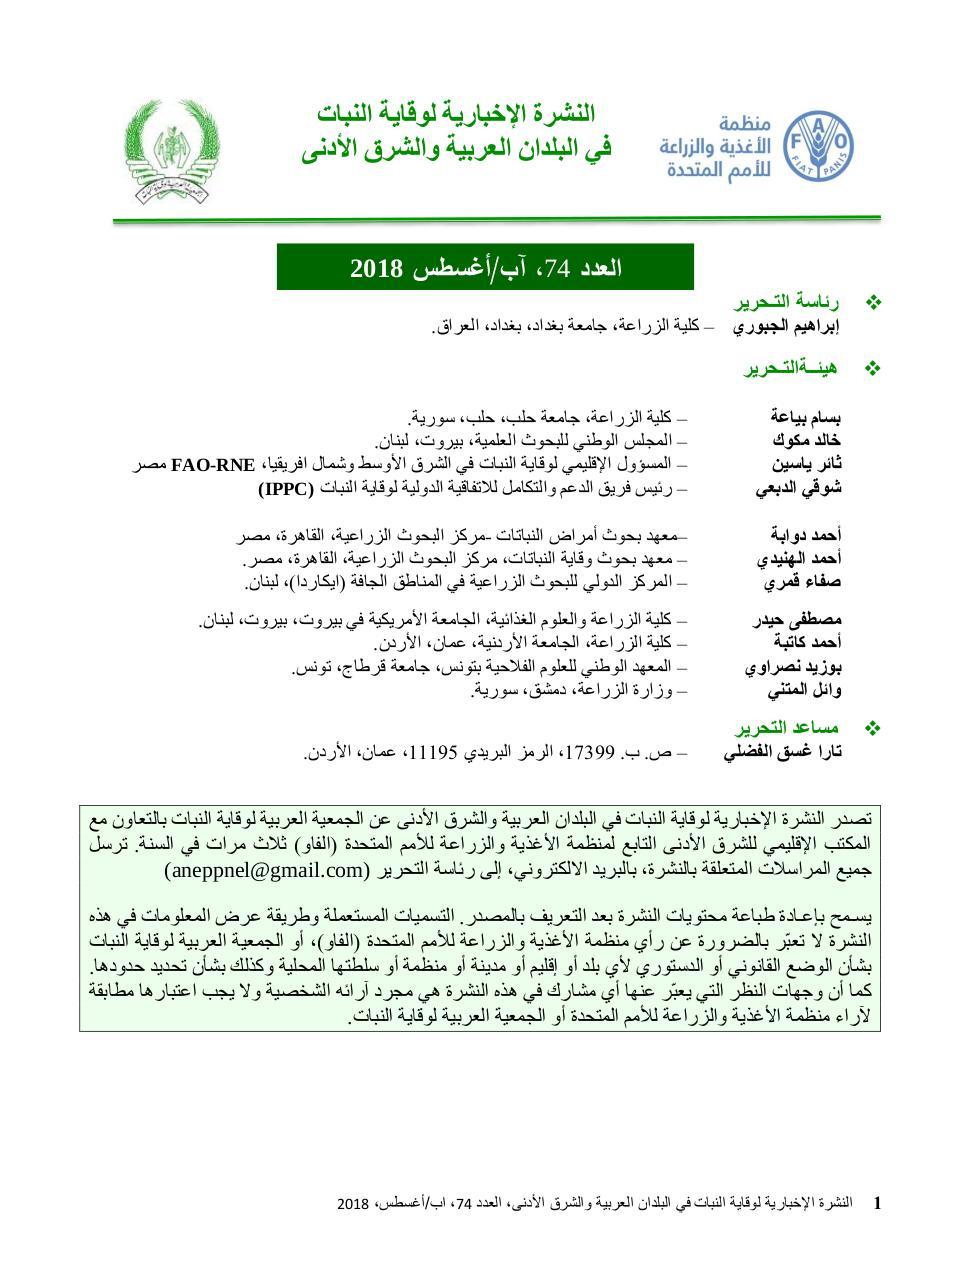 دليل المبيدات الزراعية في المملكة العربية السعودية pdf